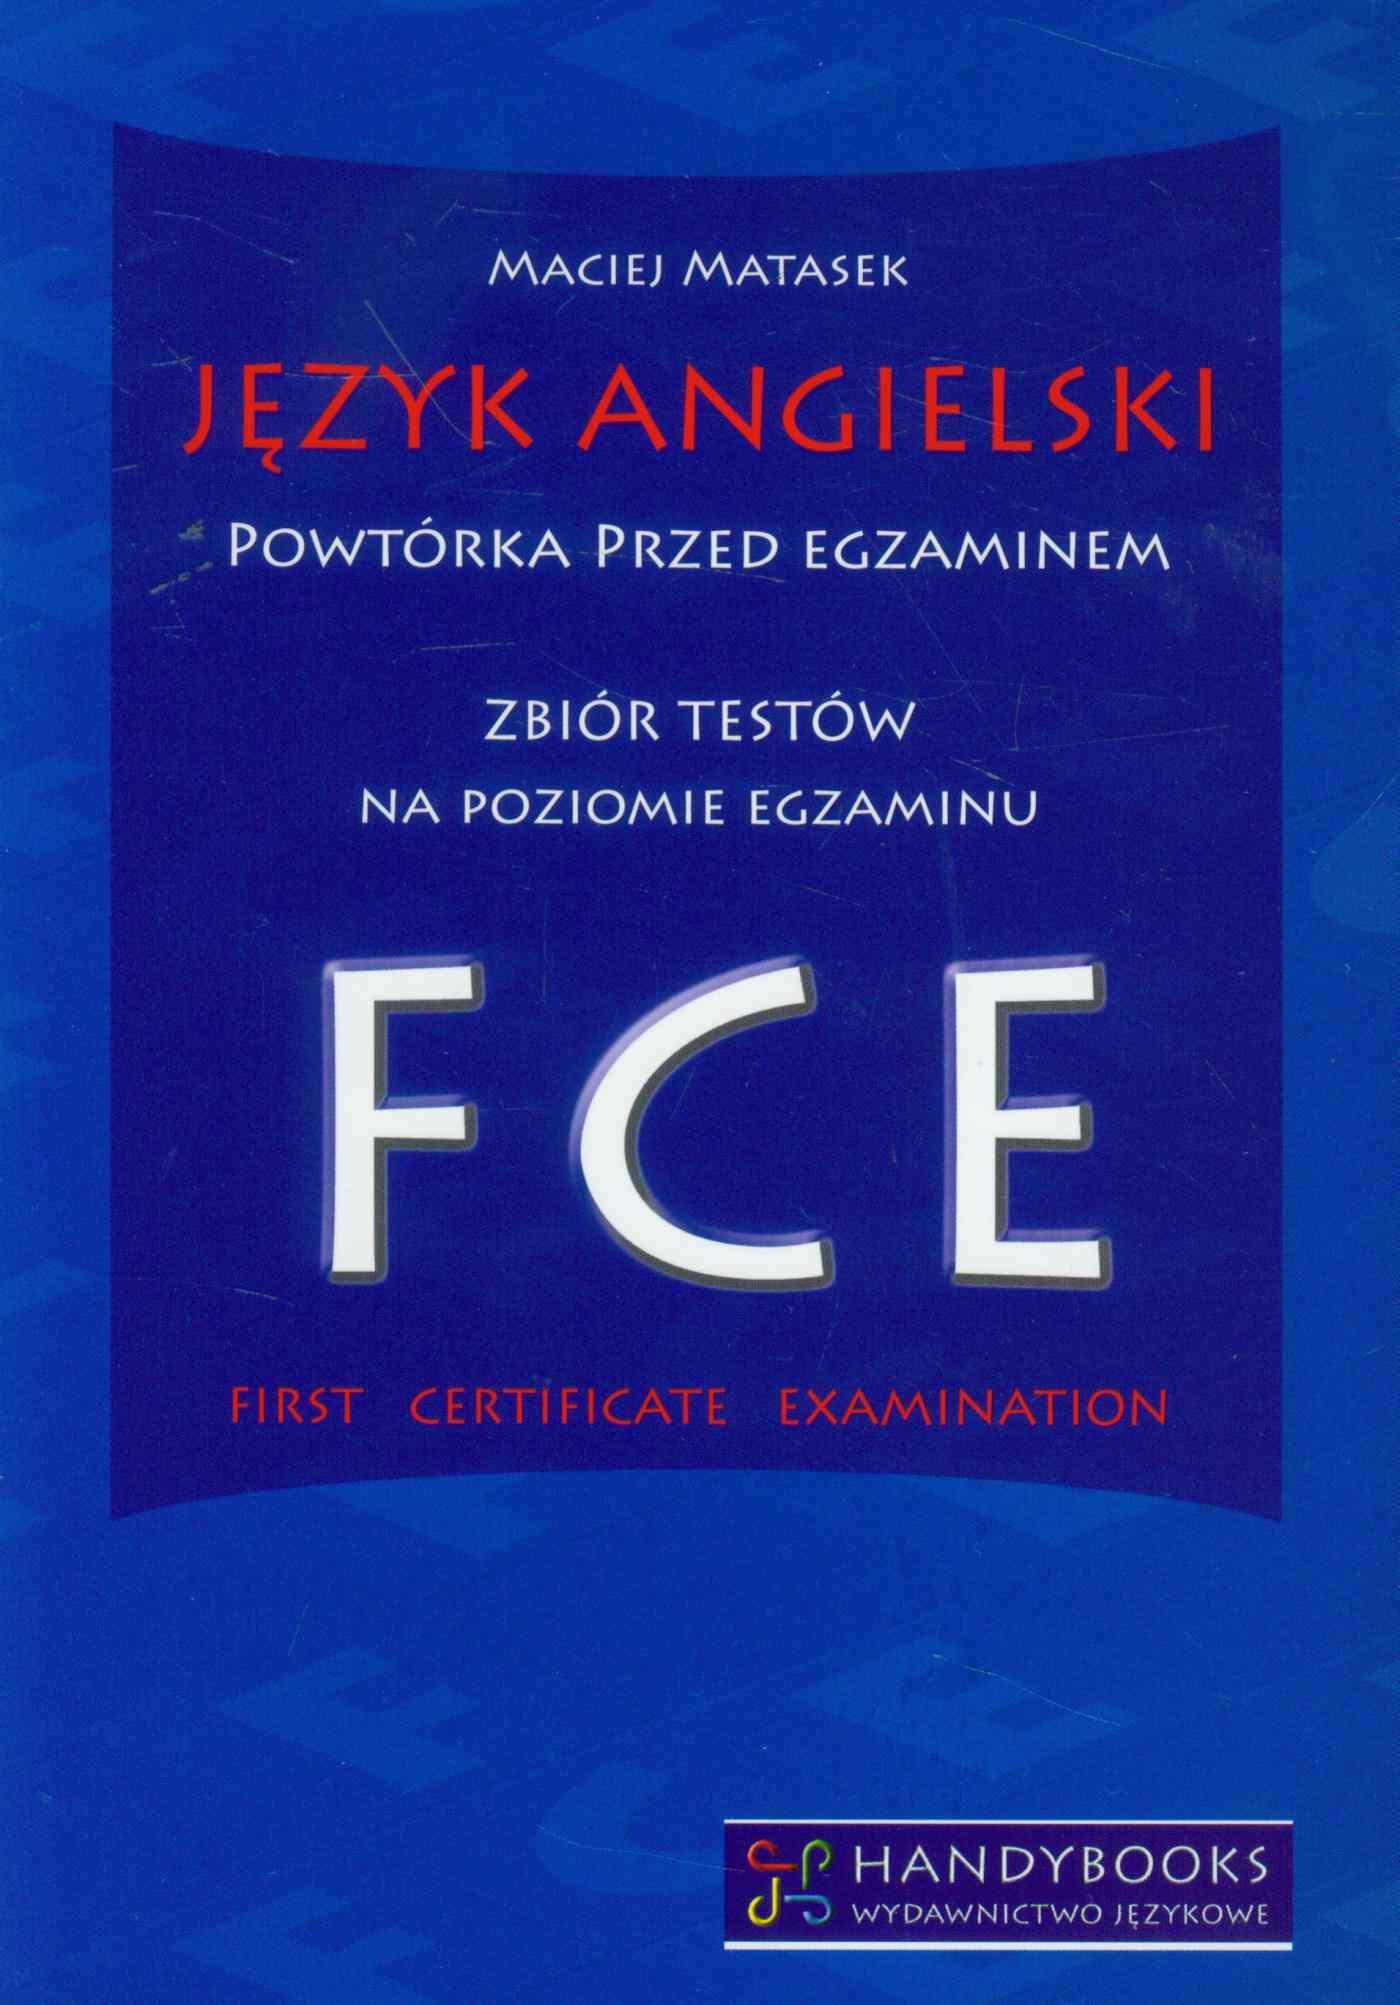 Język angielski Powtórka przed egzaminem. Zbiór testów na poziomie egzaminu FCE - Ebook (Książka PDF) do pobrania w formacie PDF